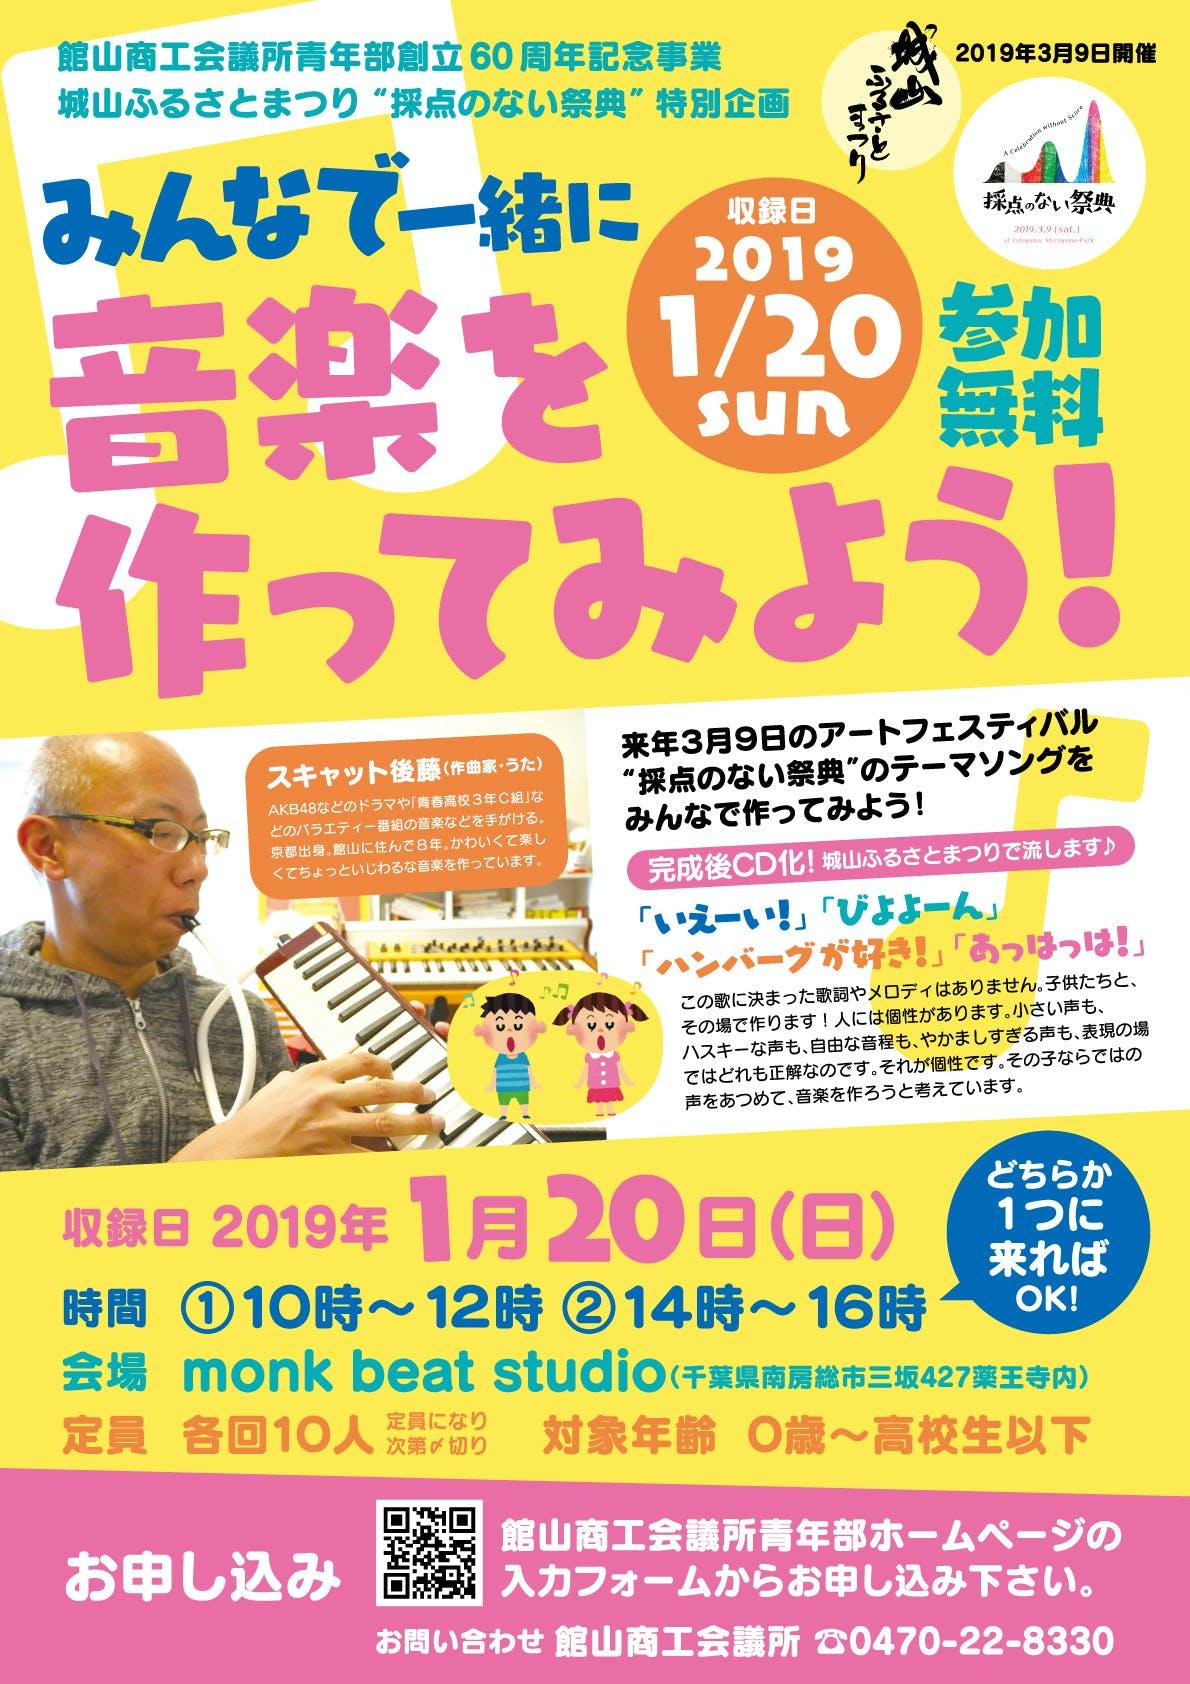 Shiro furu2019 lets make music ad.jpg?ixlib=rails 2.1